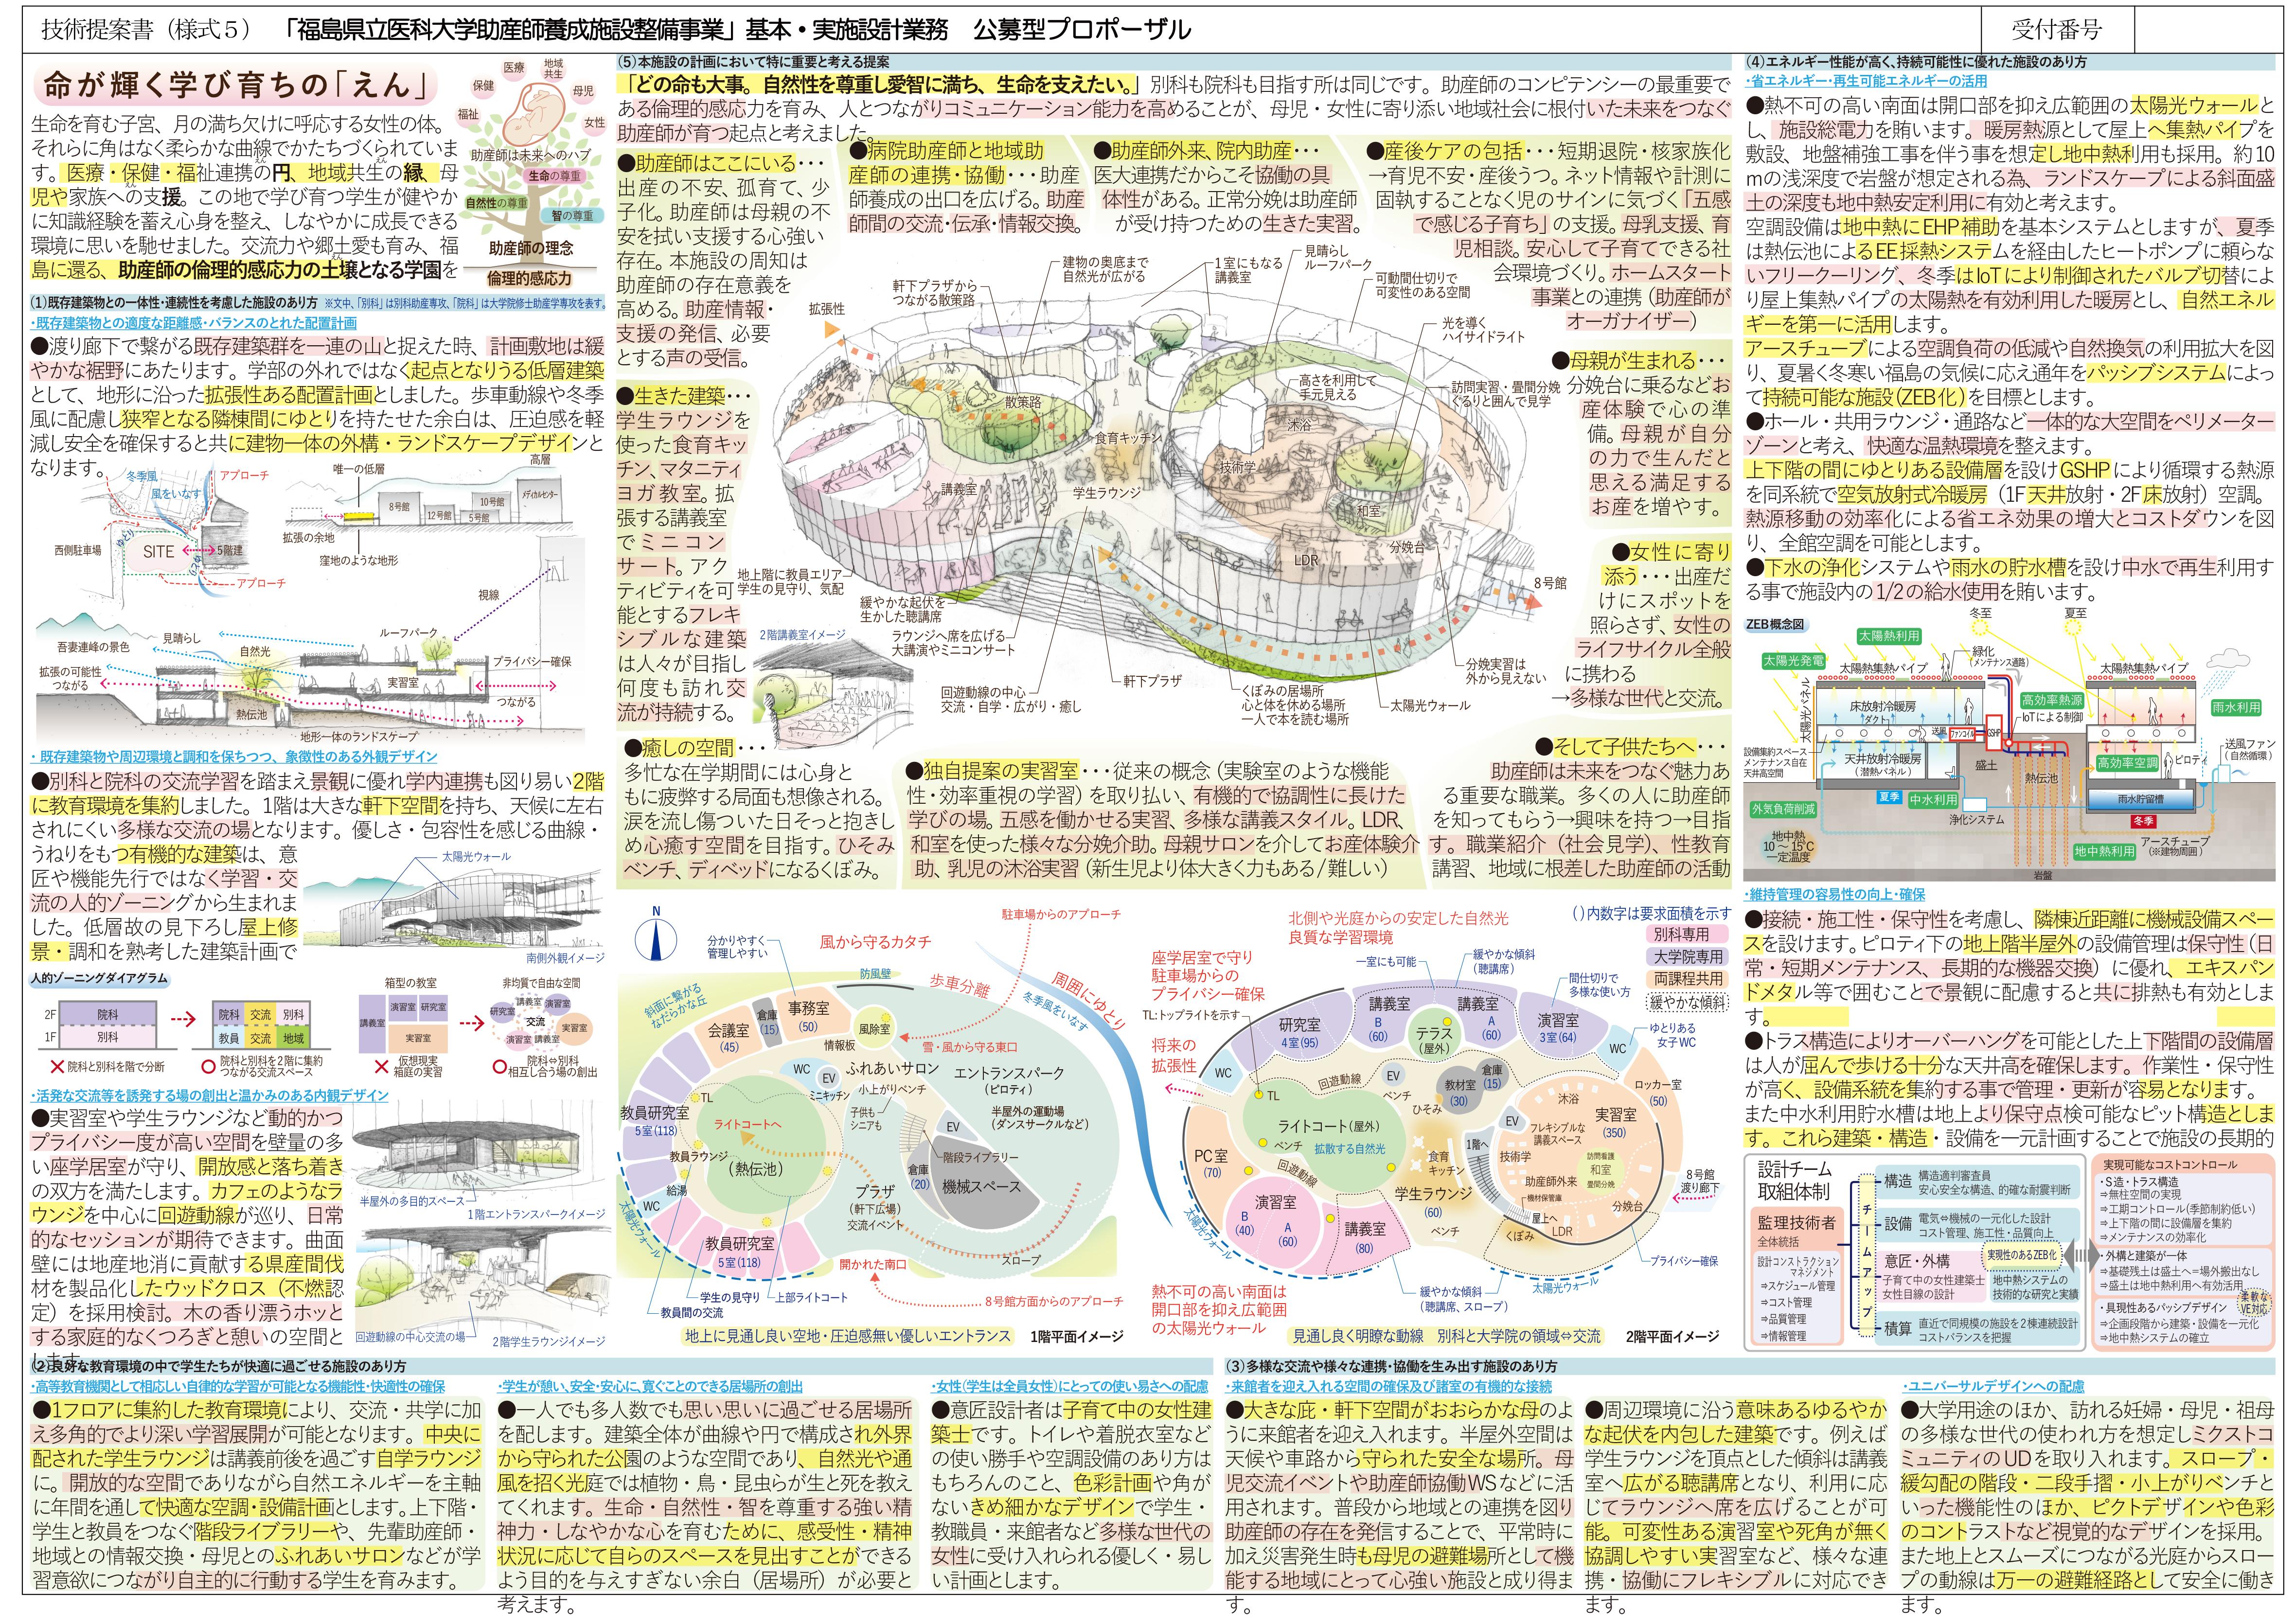 福島県立医科大学助産師養成施設プロポーザル